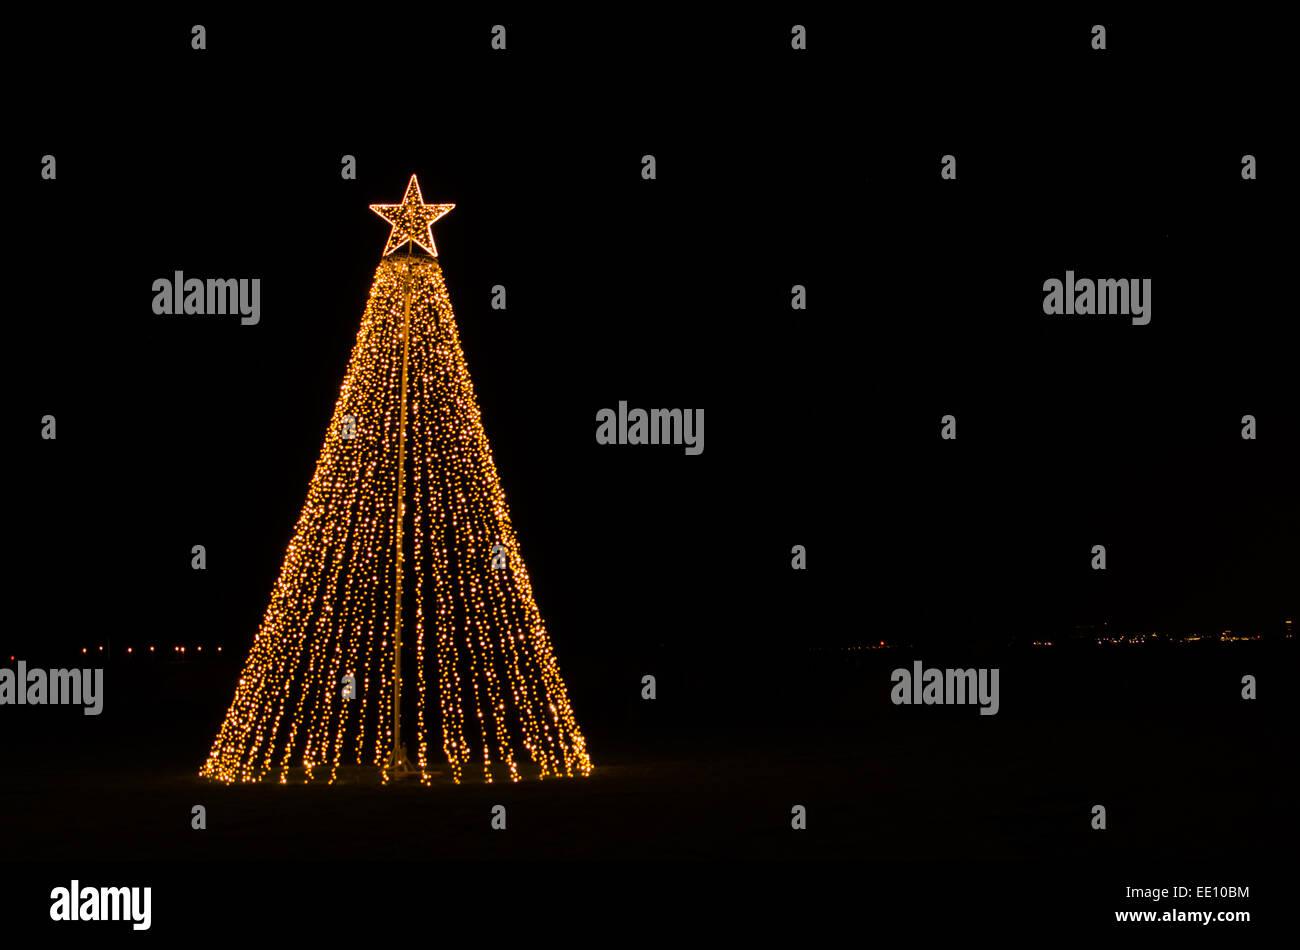 Stern Weihnachtsbeleuchtung.Outdoor Weihnachtsbeleuchtung In Form Eines Weihnachtsbaumes Mit